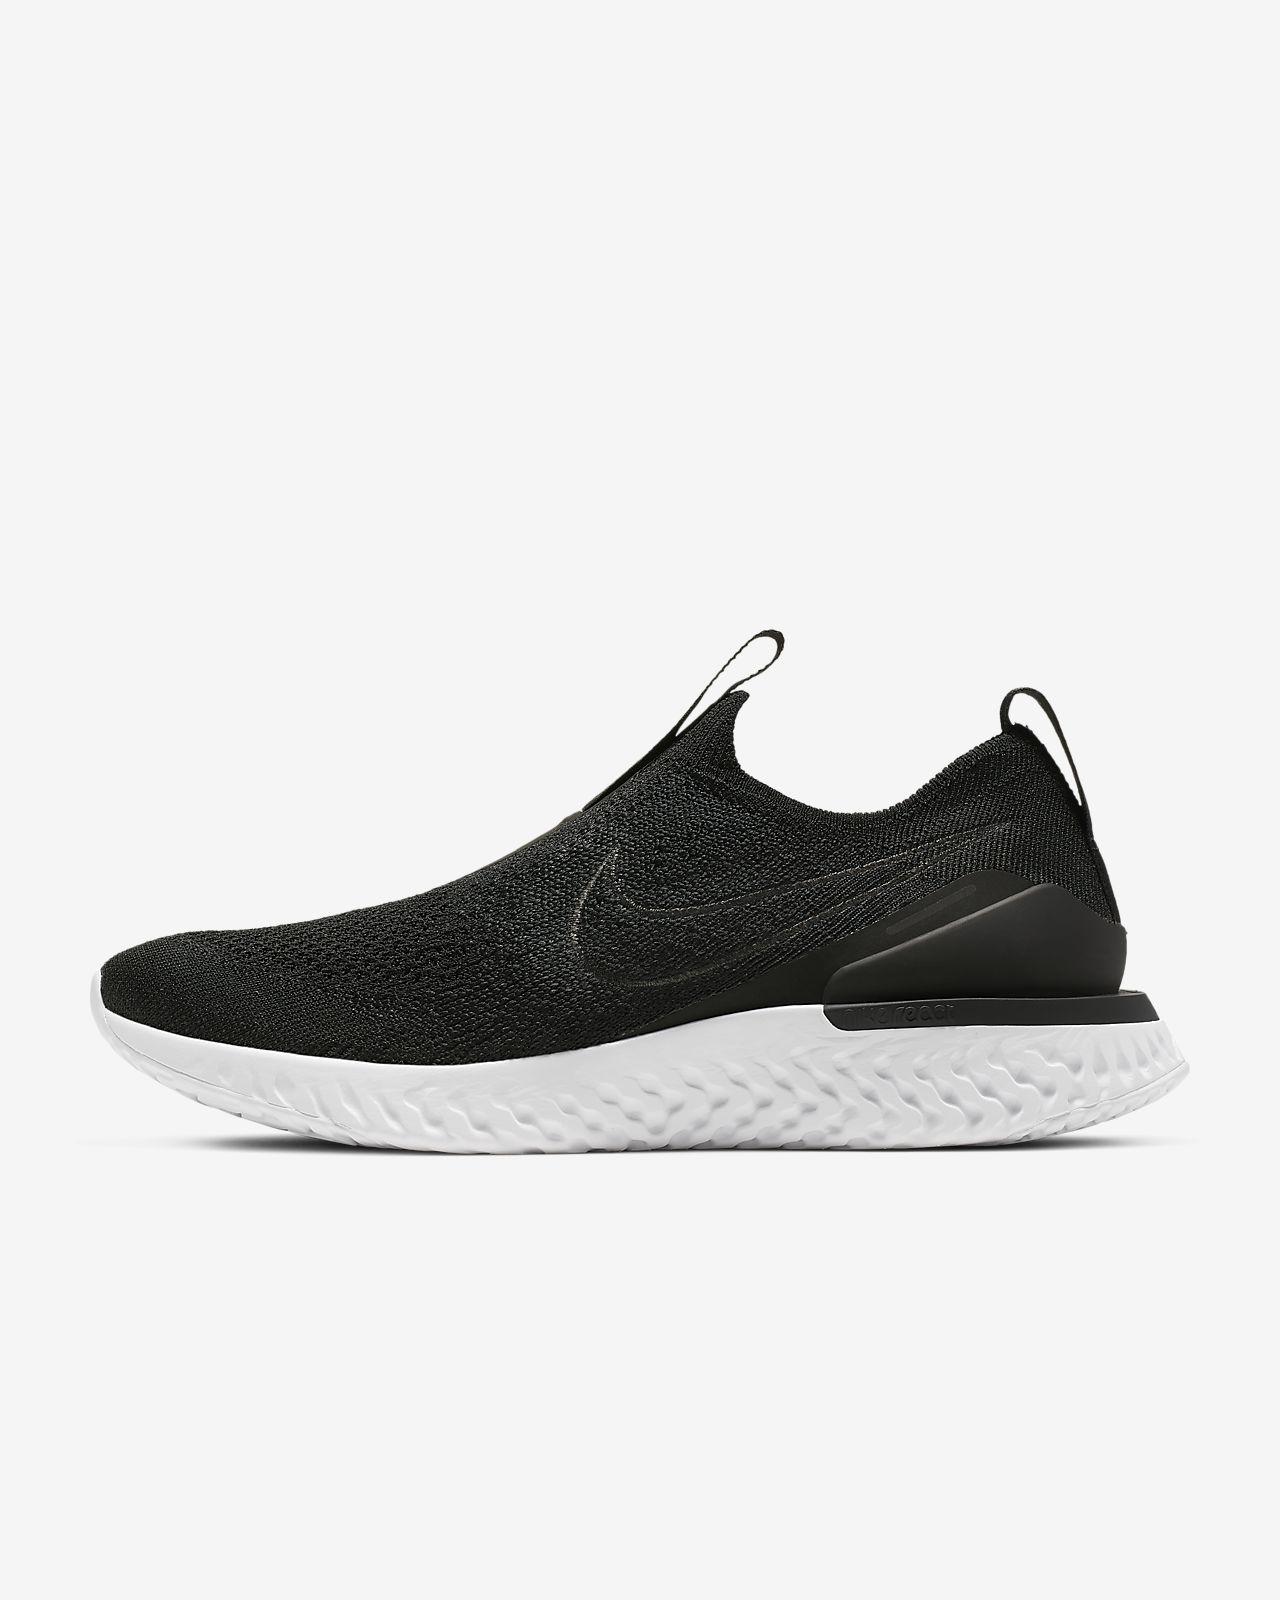 Nike Epic Phantom React Flyknit Hardloopschoen voor dames